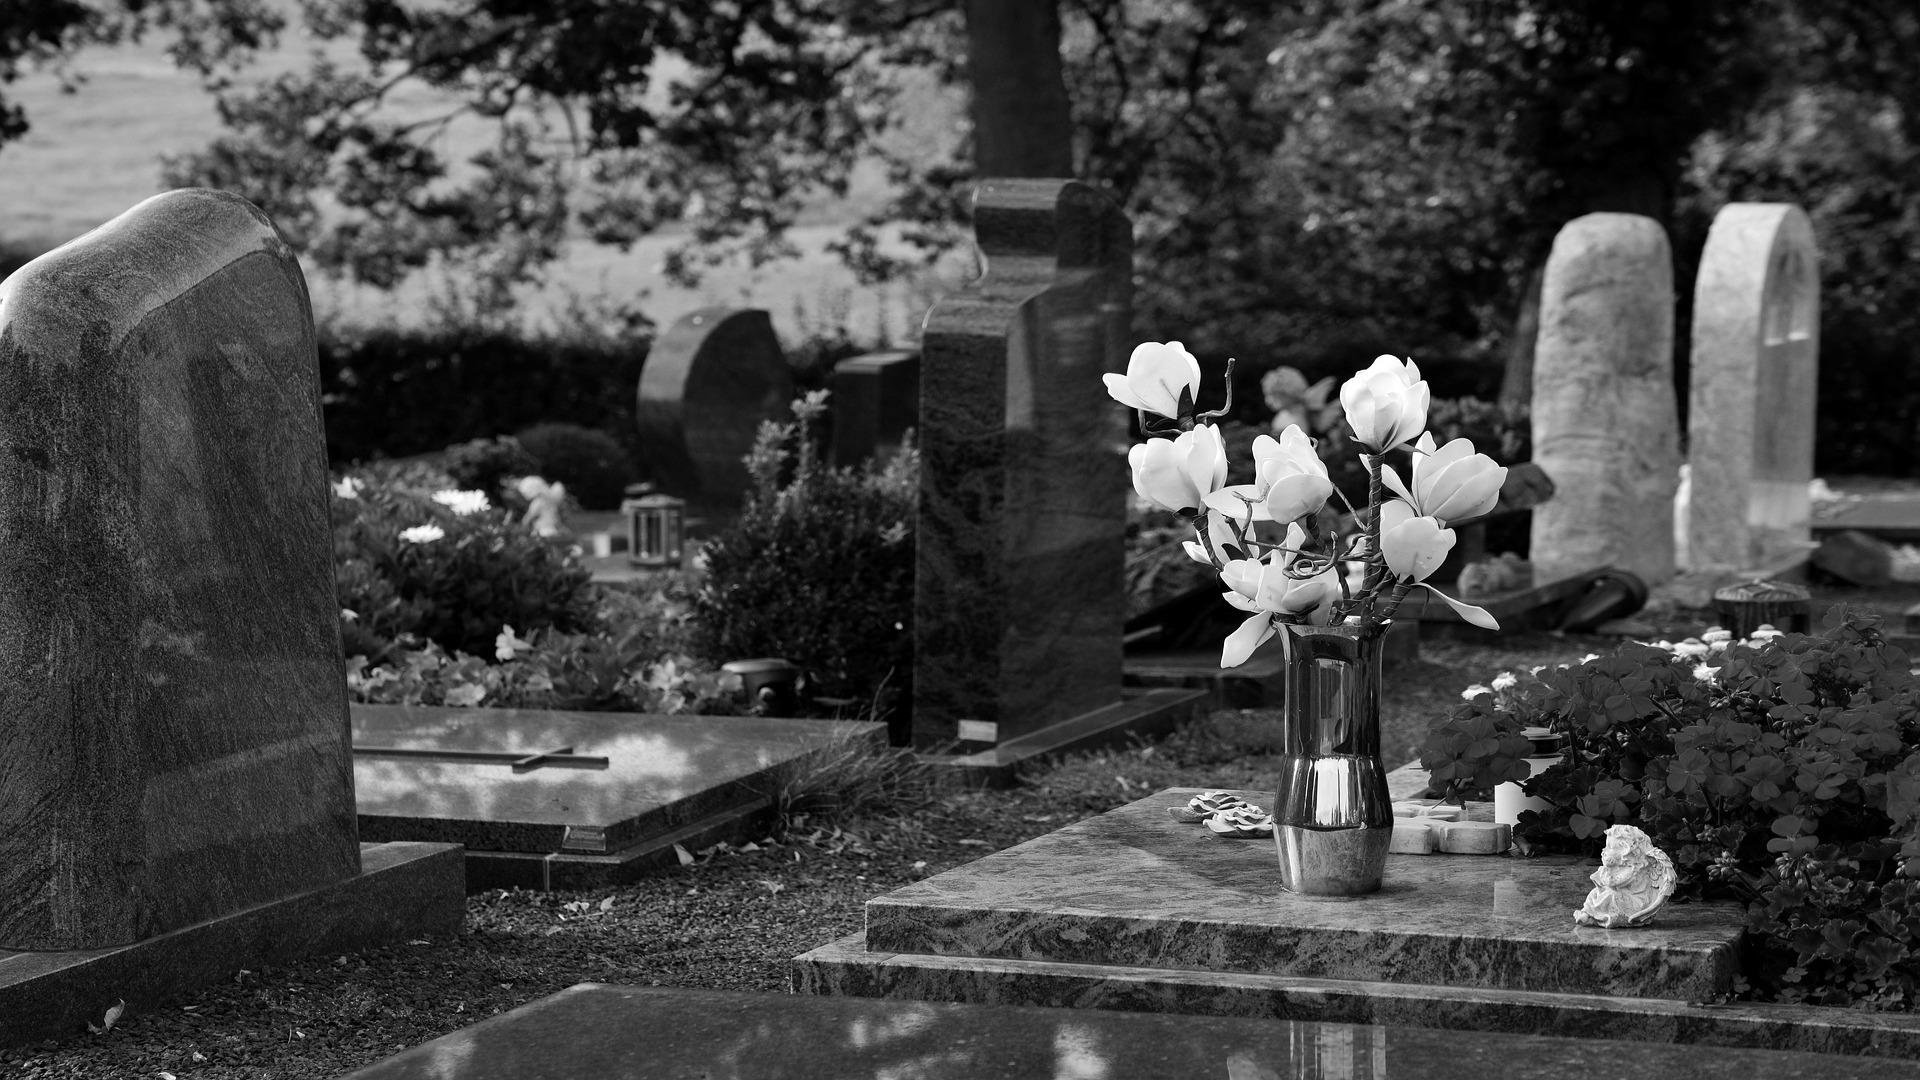 Solo tres familiares podran asistir al entierro de un fallecido mientras dure el estado de alarma1920